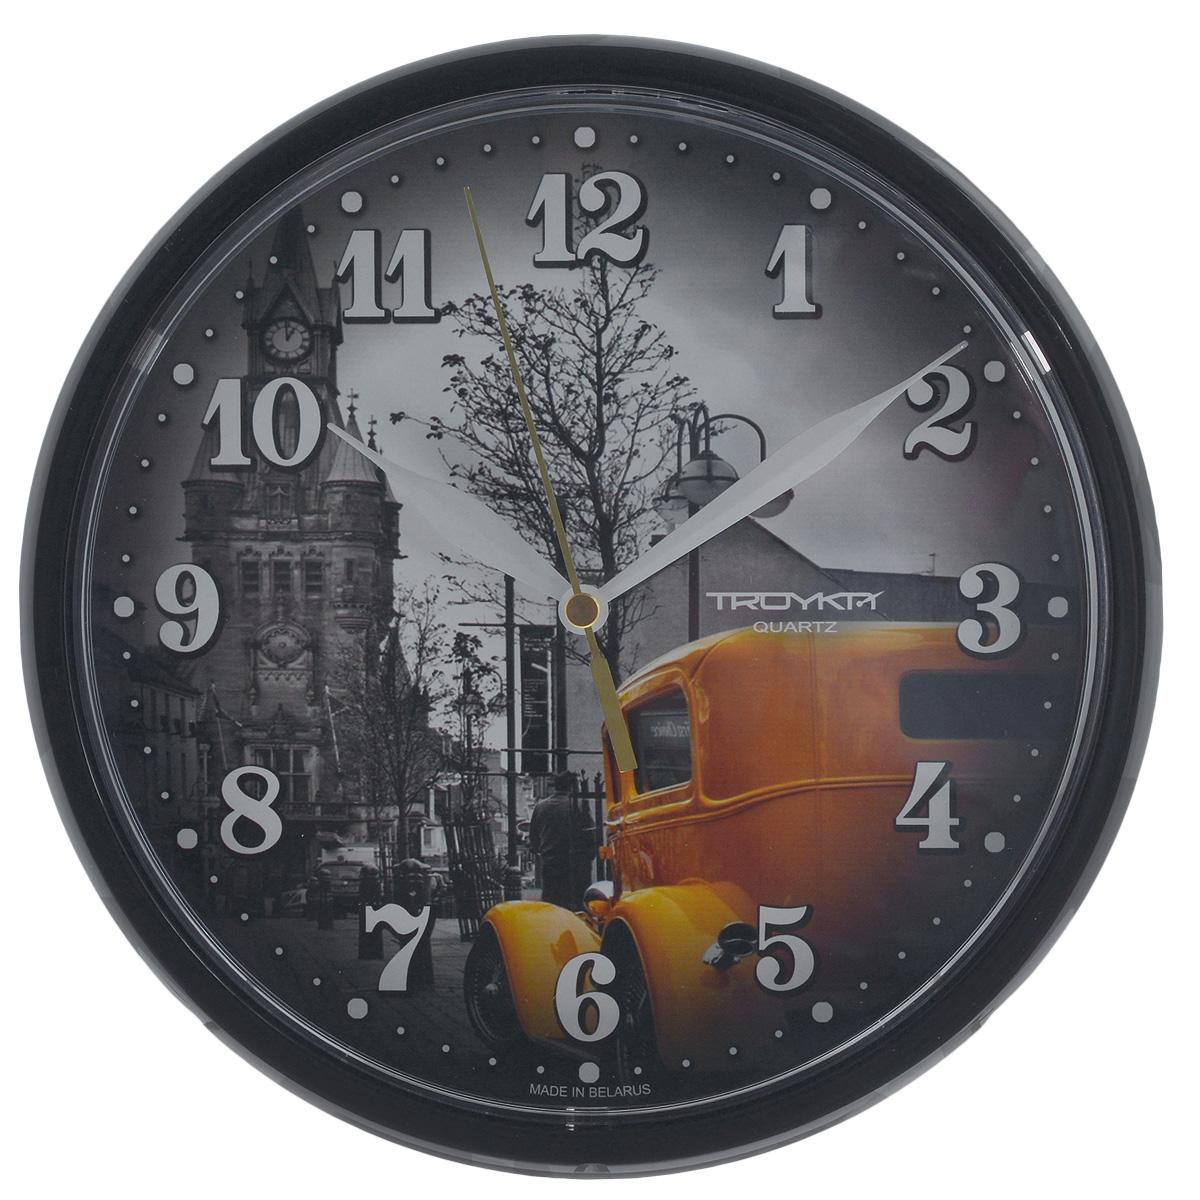 Часы настенные Troyka, цвет: черный. 9190092991900929Настенные кварцевые часы с модным дизайном Troyka, изготовленные из пластика, подчеркнут стильность интерьера вашего дома. Круглые часы имеют три стрелки: часовую, минутную и секундную, их циферблат оформлен изображением и защищен прозрачным пластиком.Диаметр часов: 22,5 см.Часы работают от 1 батарейки типа АА напряжением 1,5 В (входит в комплект).